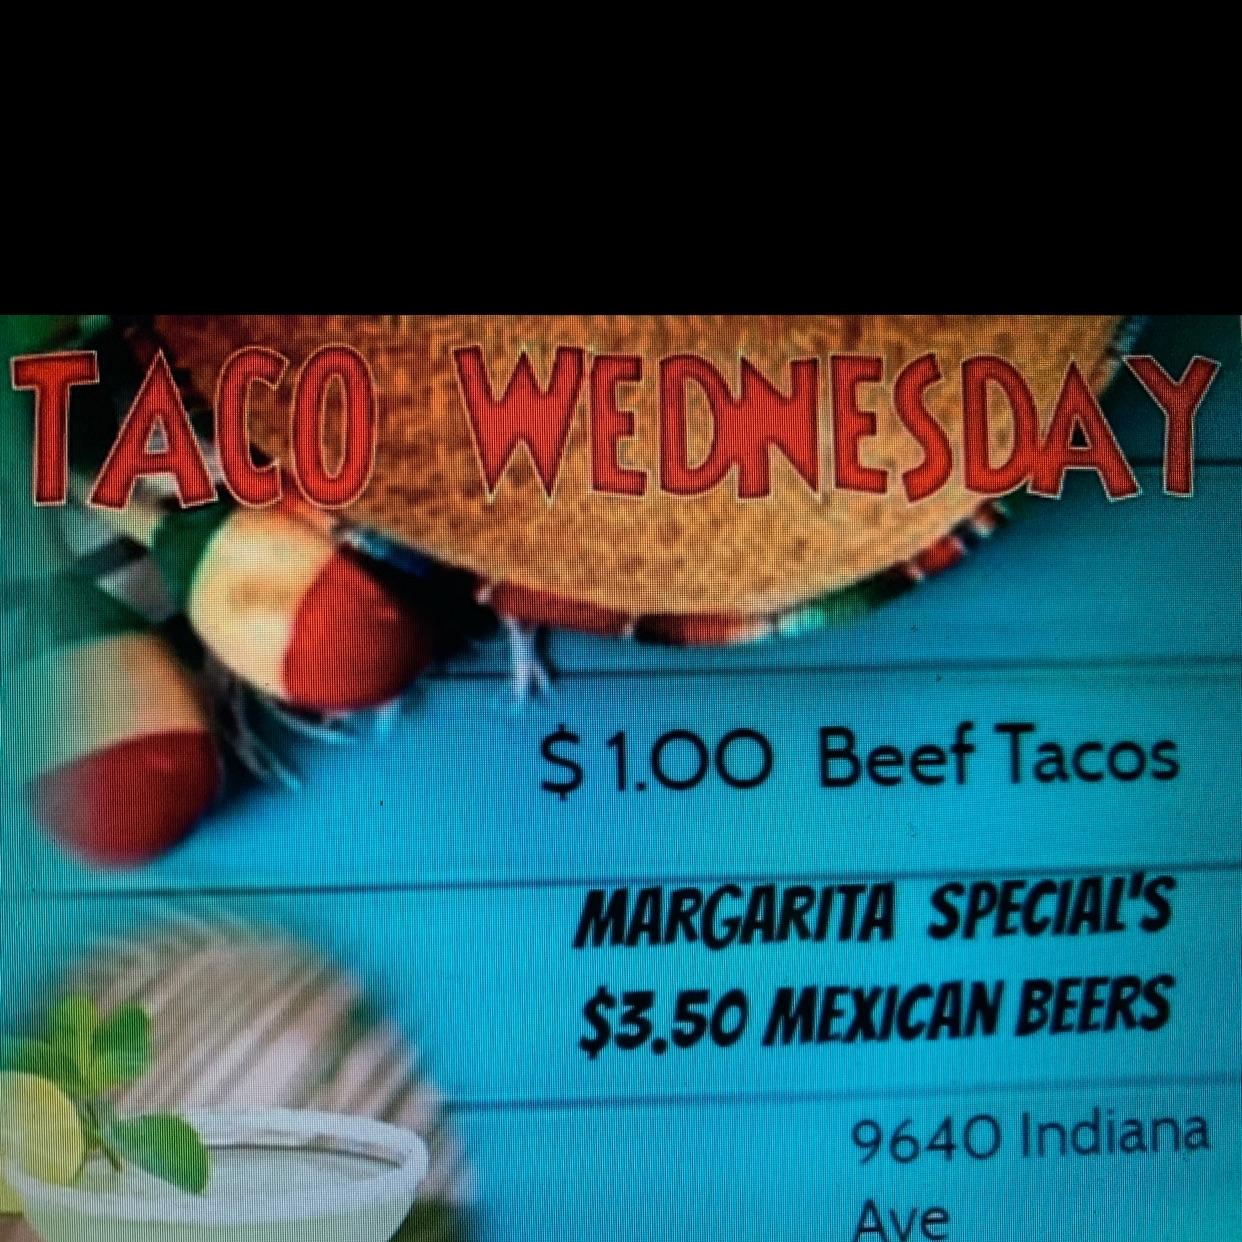 Taco Wednesday Specials!!